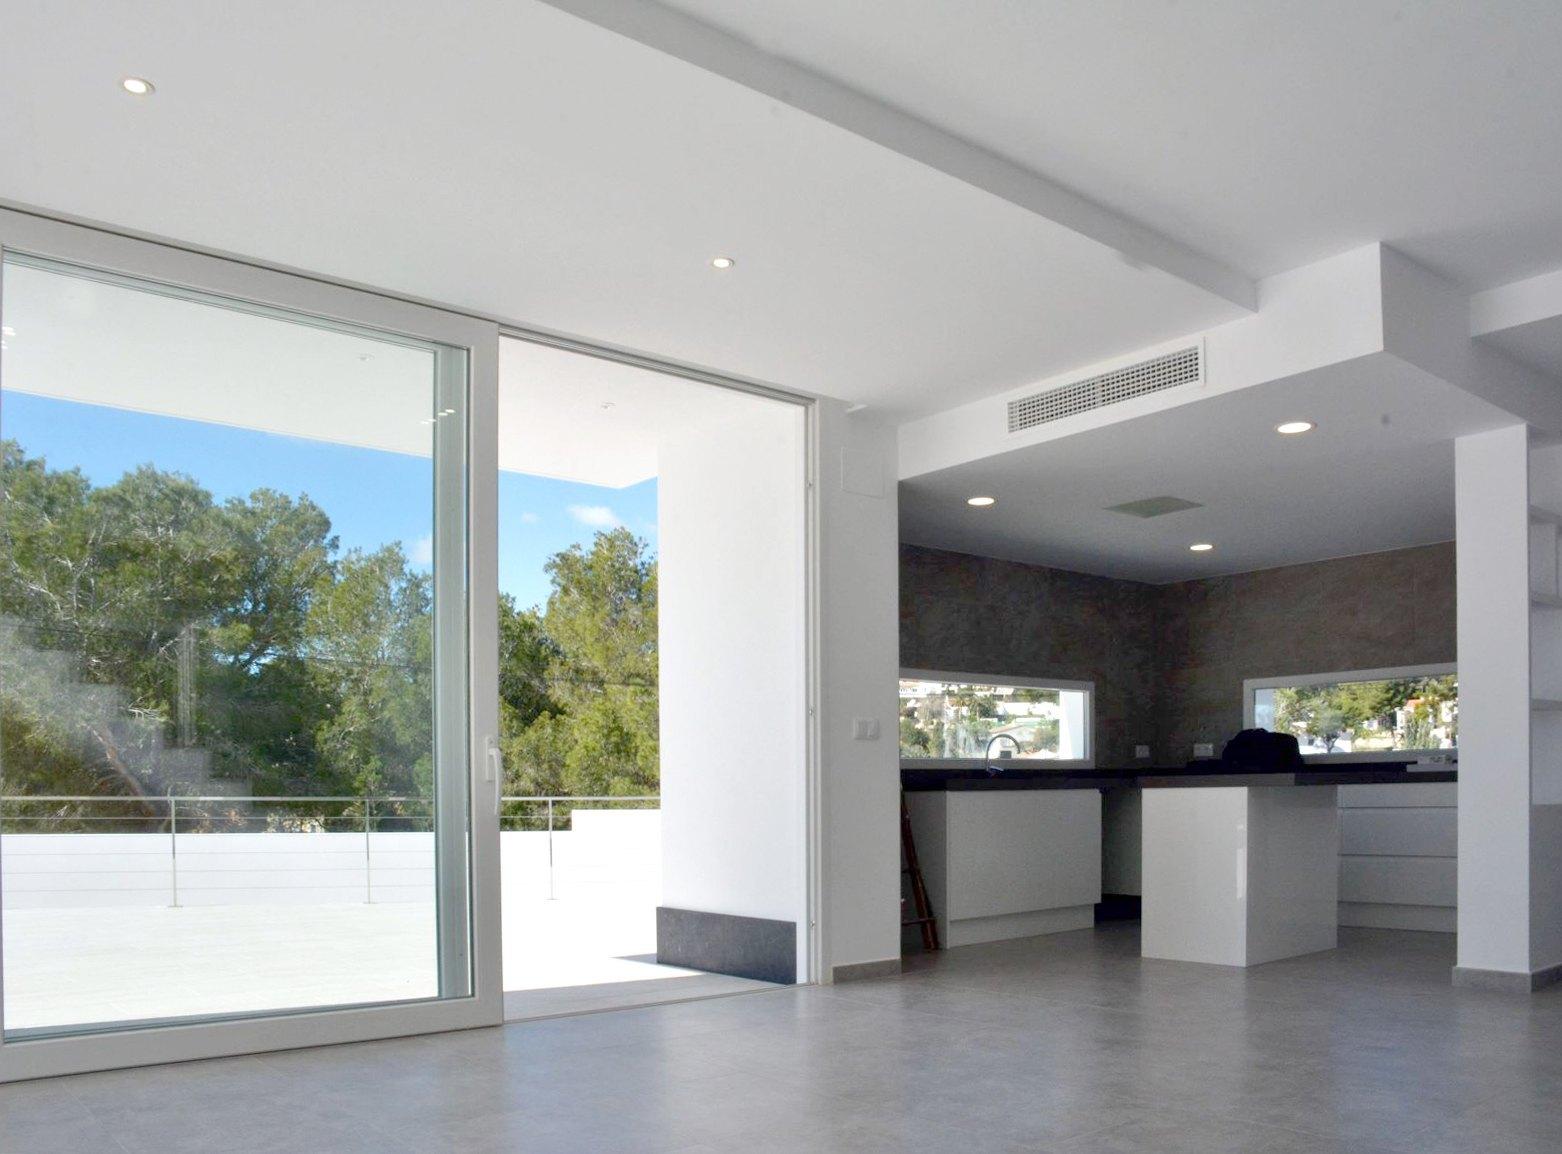 Photogallery - 3 - Olea Home - Construimos la casa de tus sueños. Obra nueva en promoción y reformas